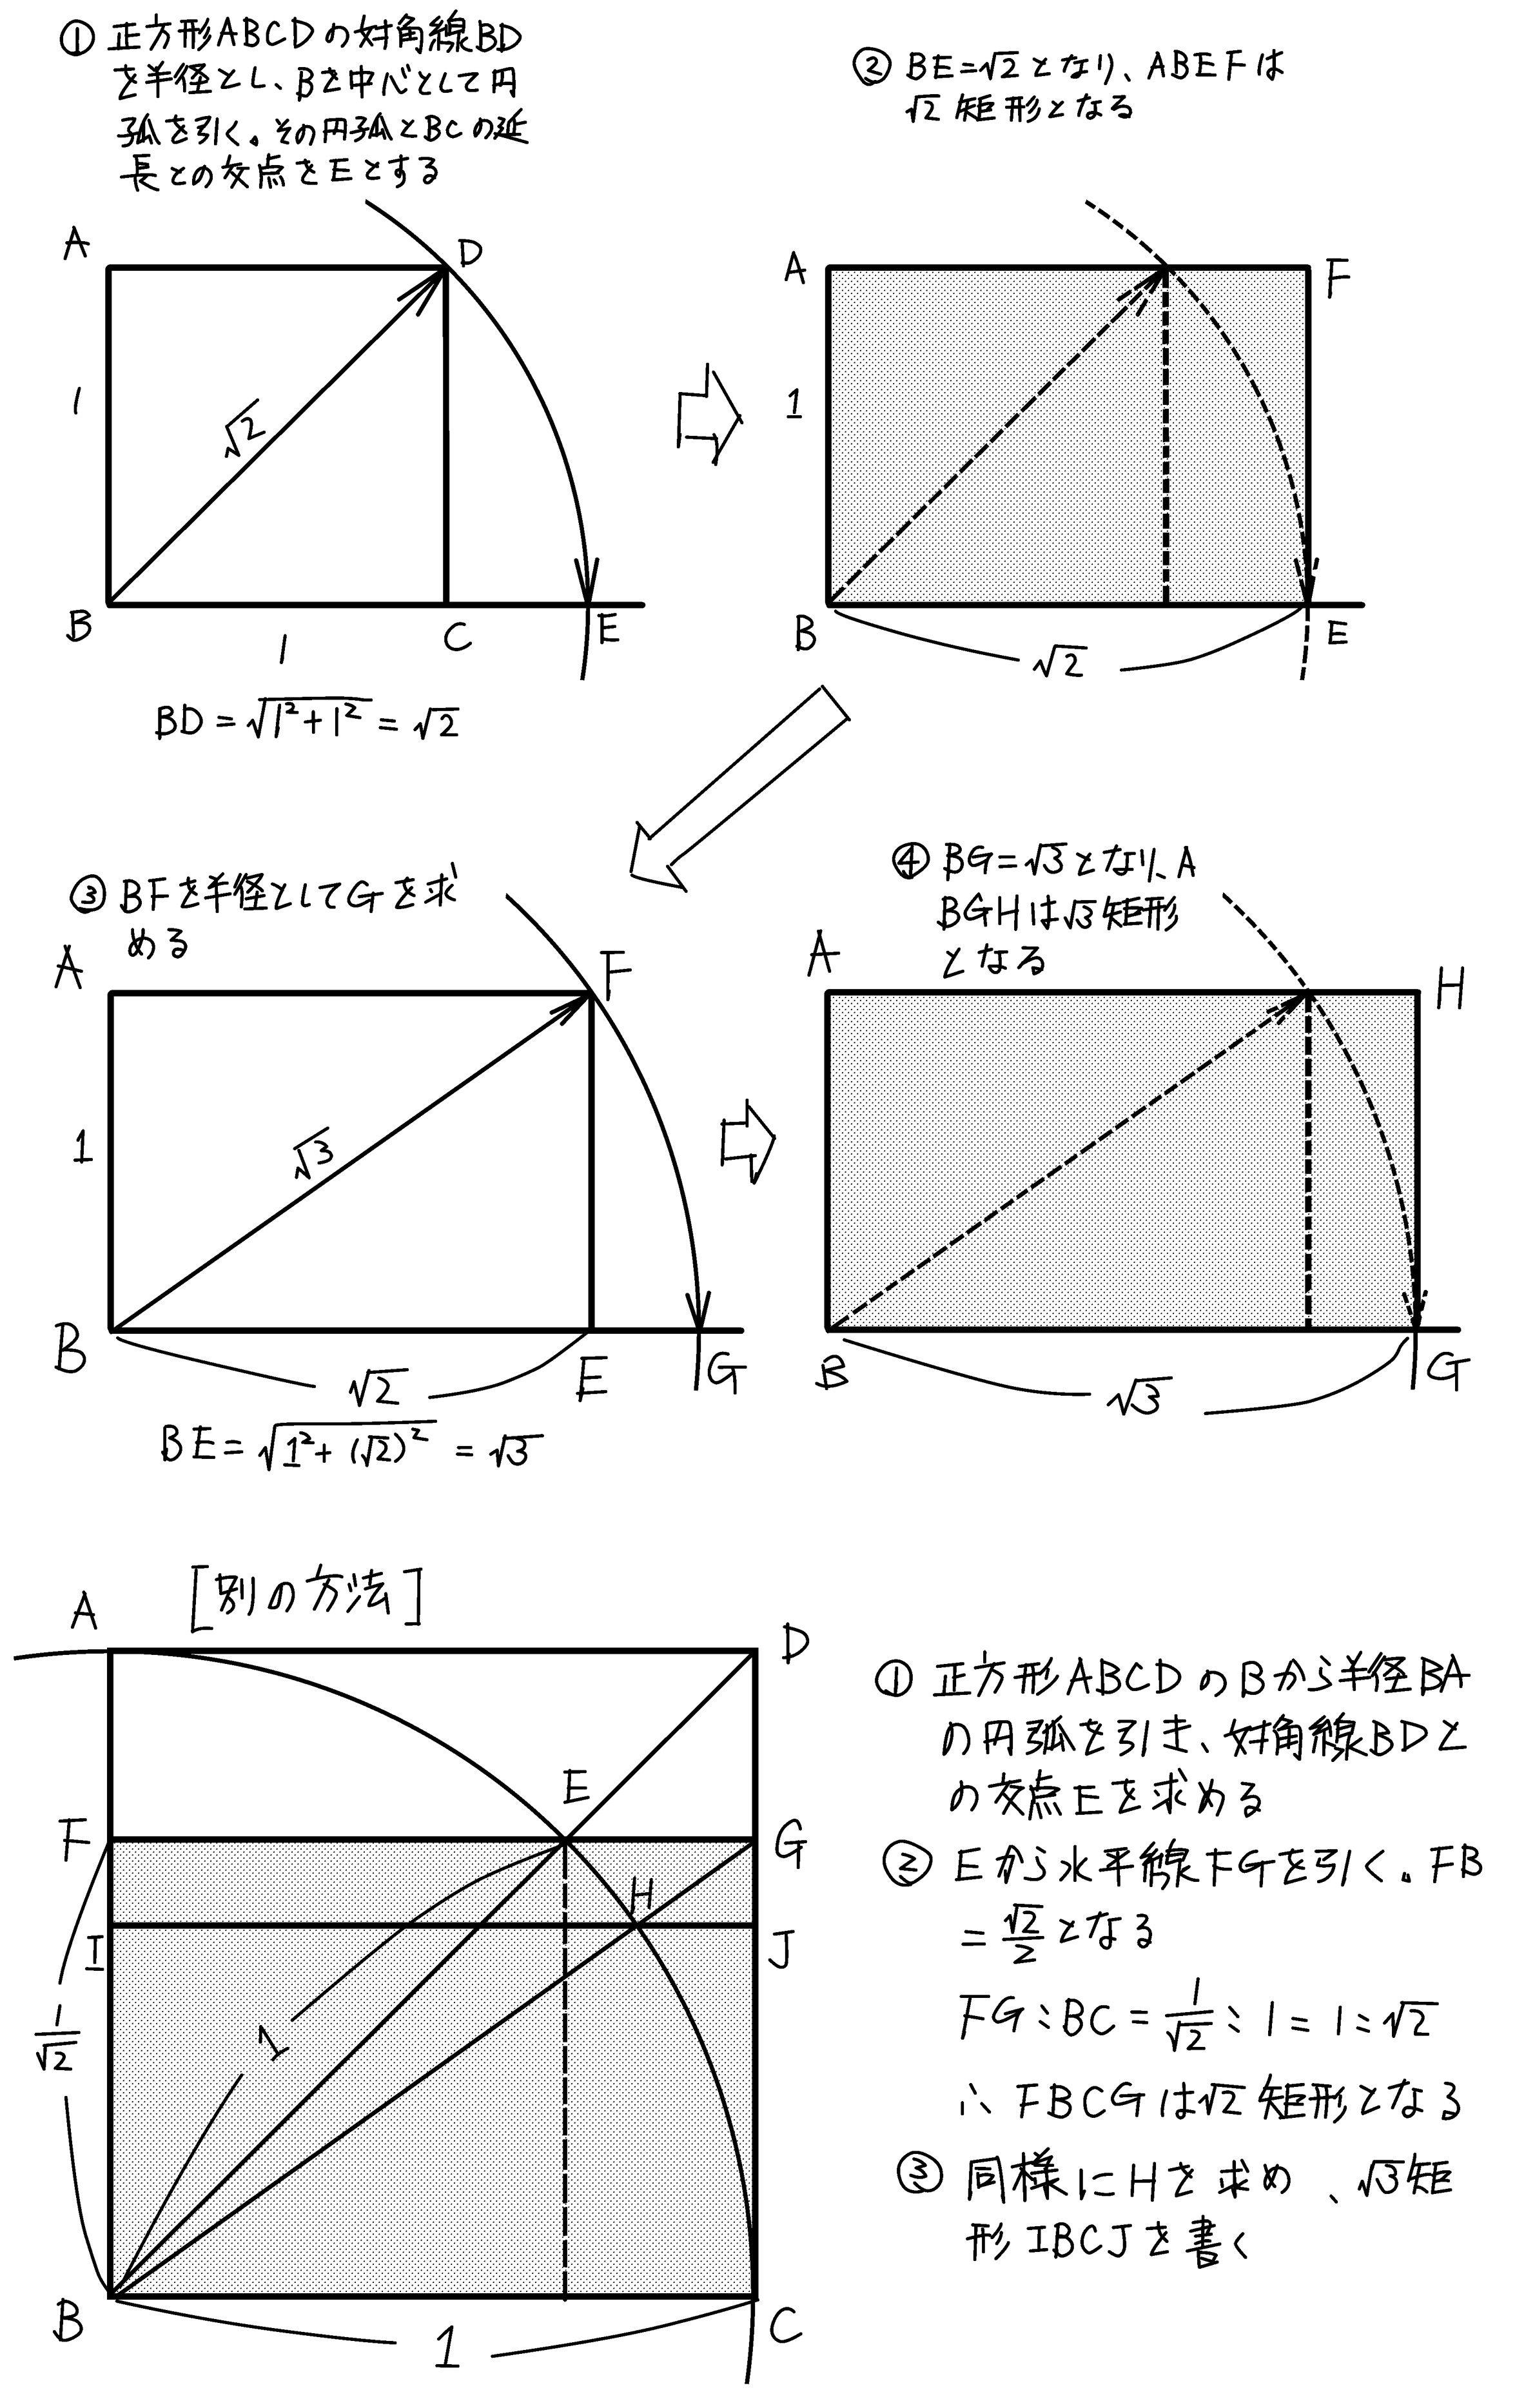 ルート矩形の書き方 ミカオ建築館 日記 楽天ブログ